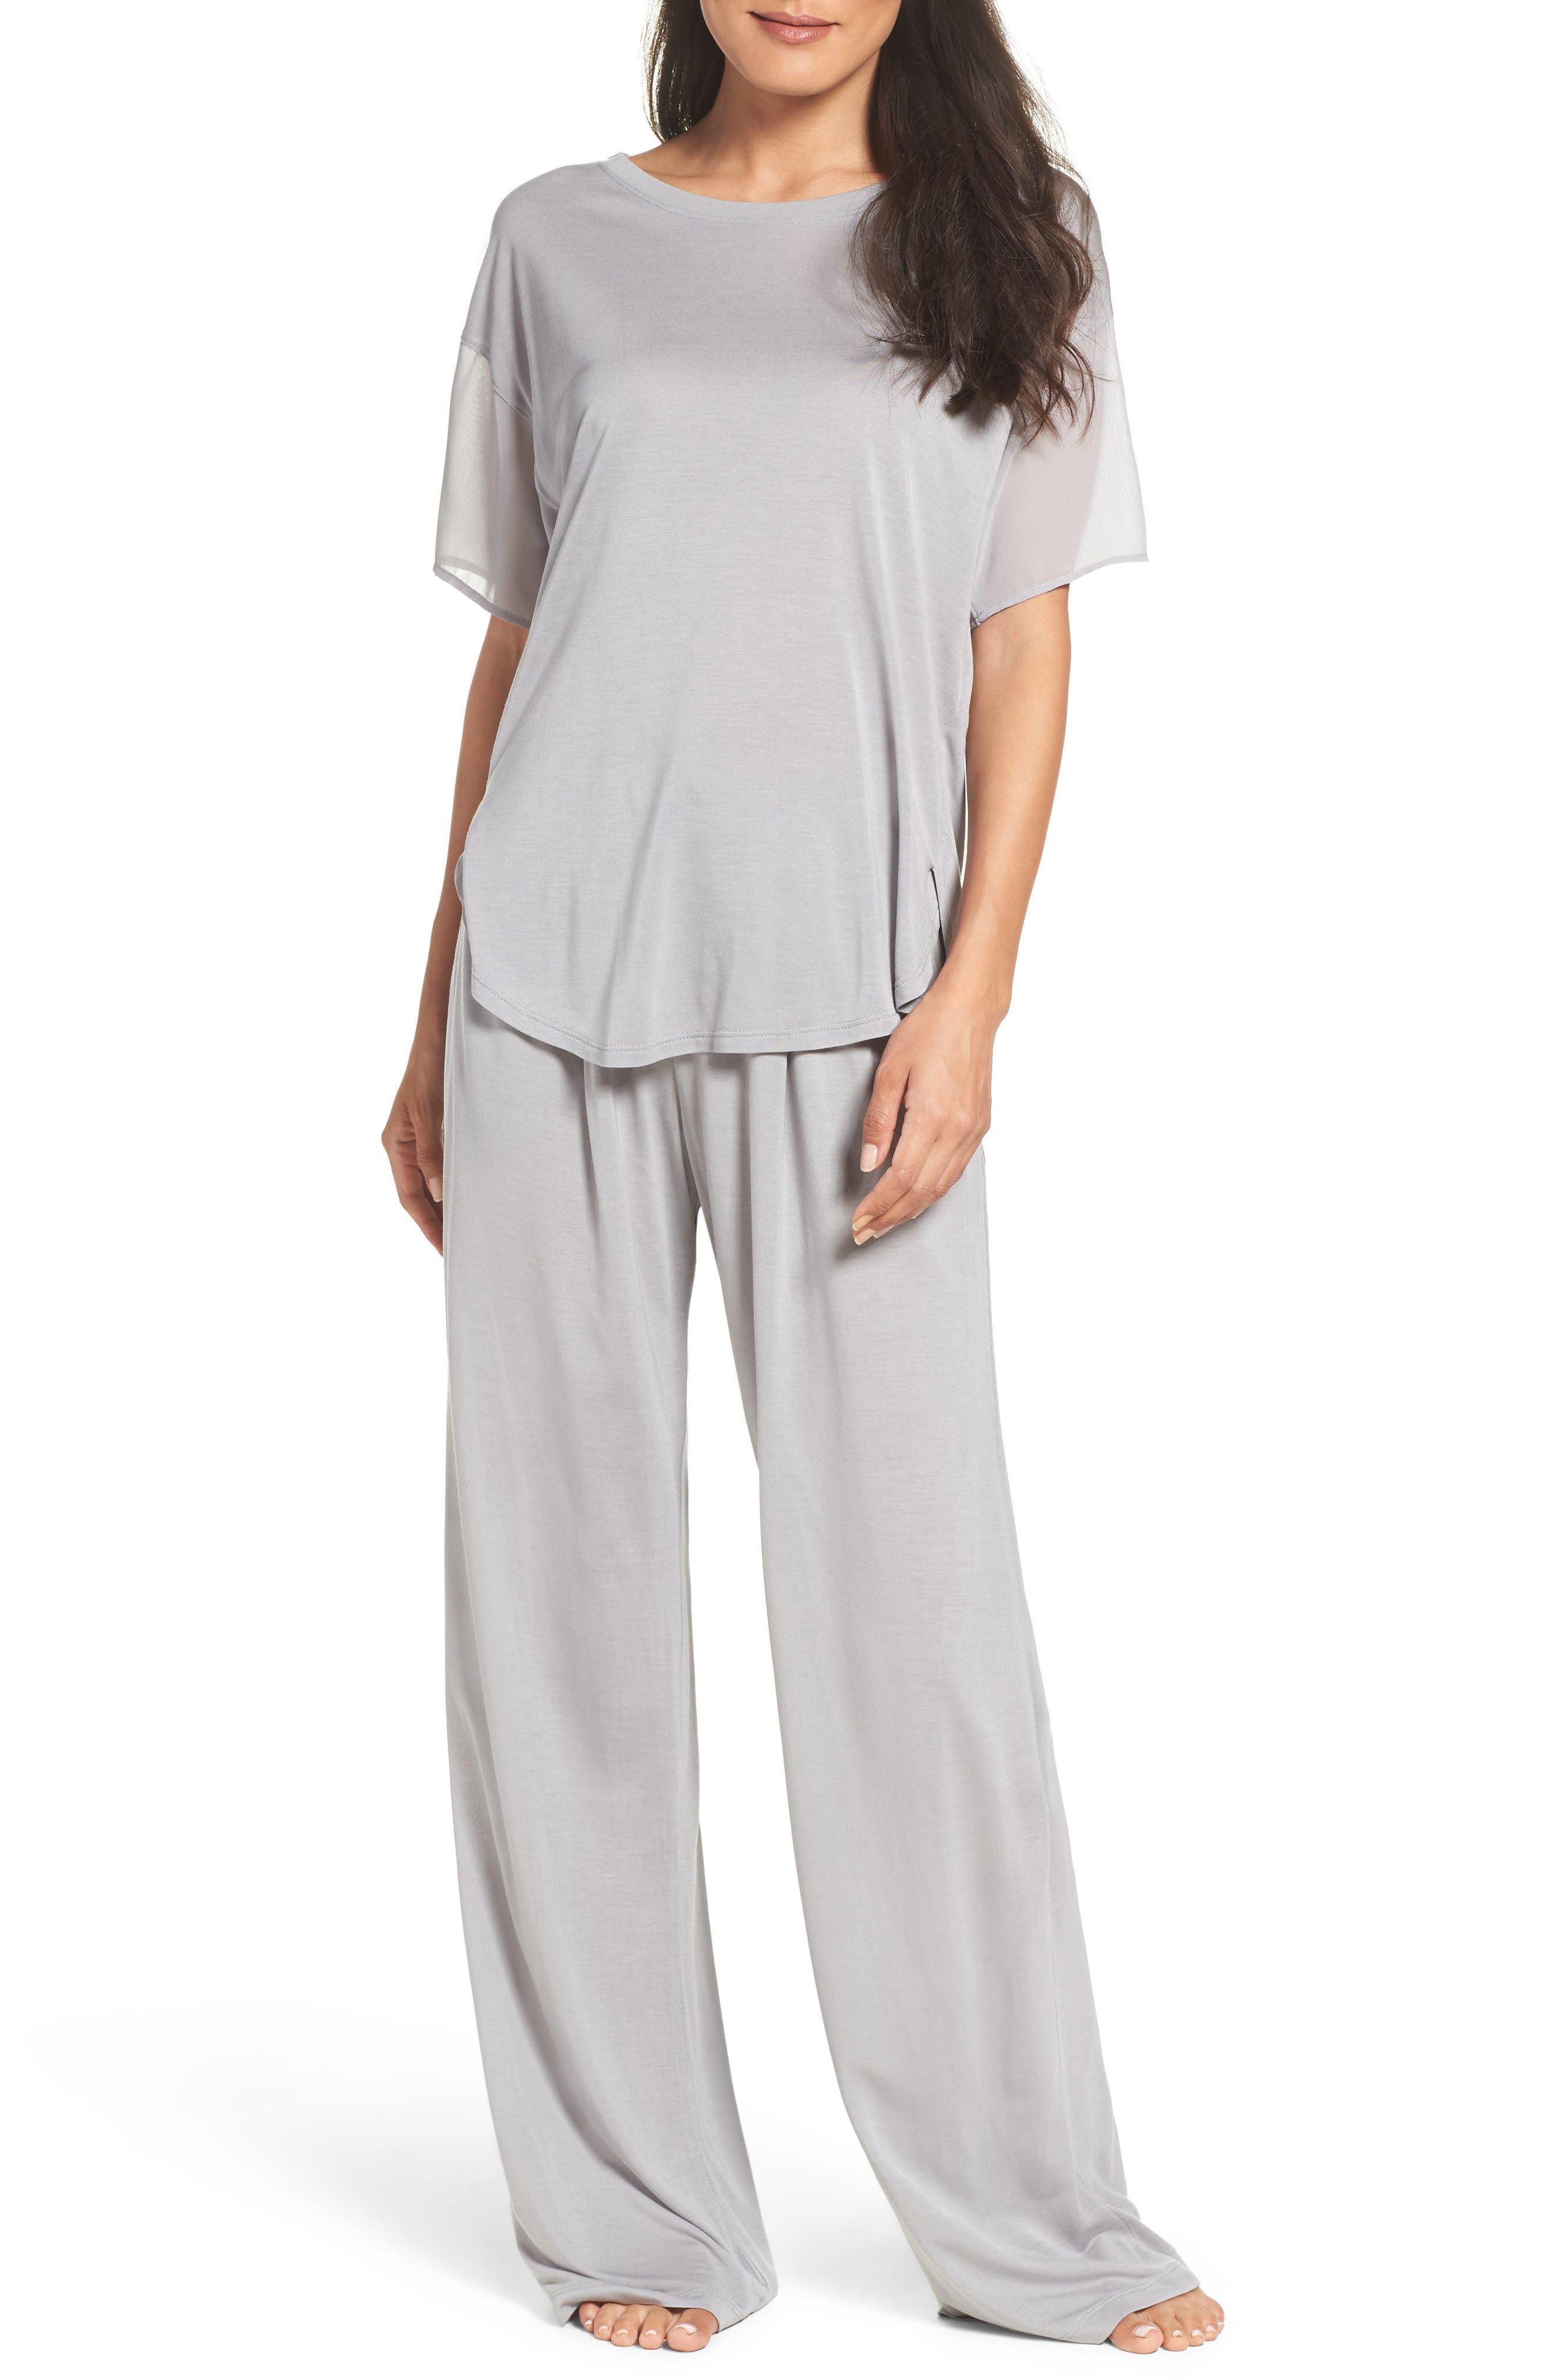 DKNY Sleep Tee & Pants